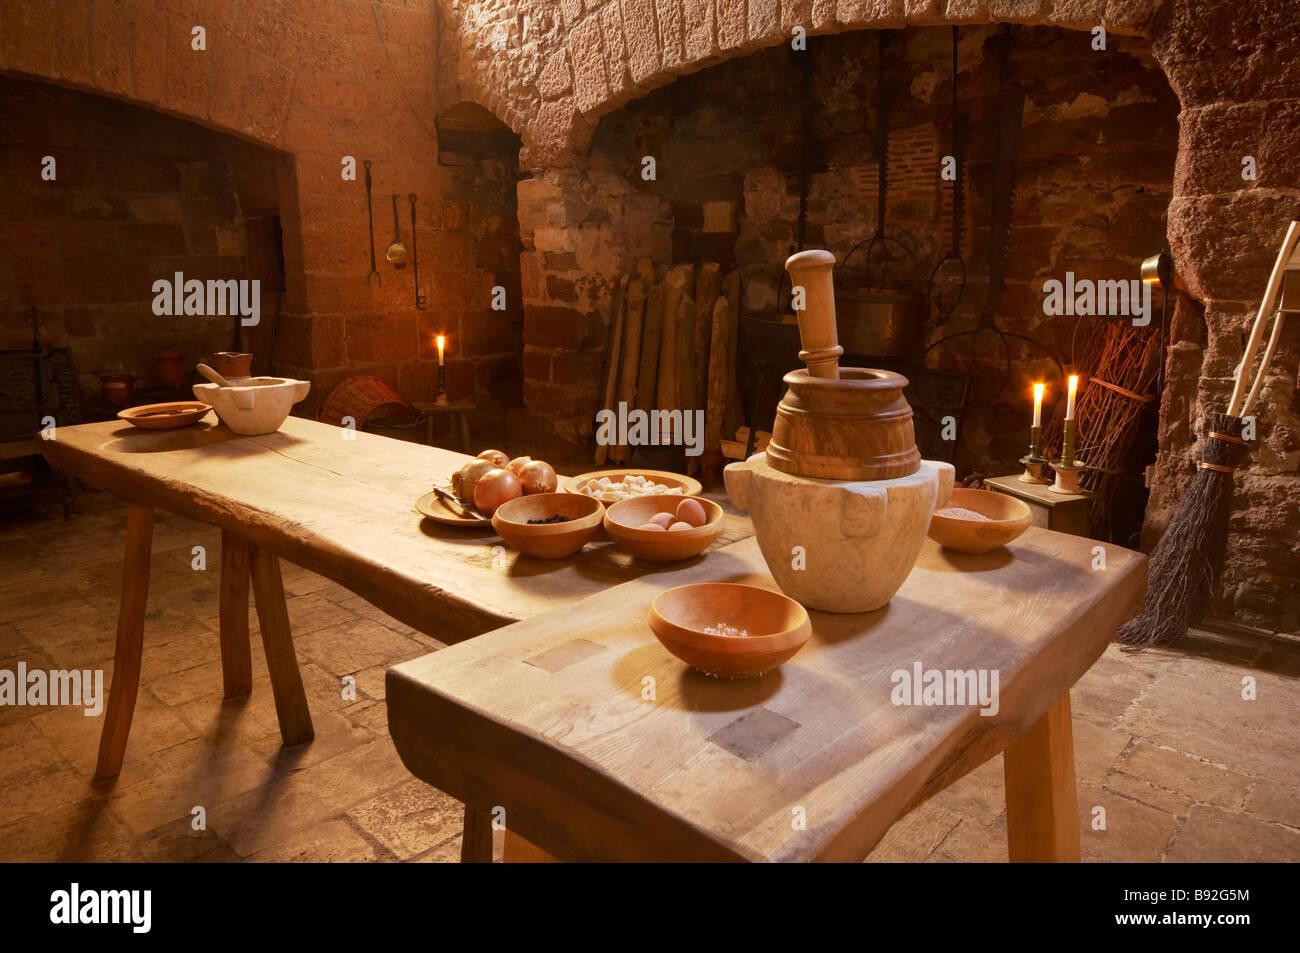 Großzügig Küchenwand Zubehör Uk Bilder - Ideen Für Die Küche ...